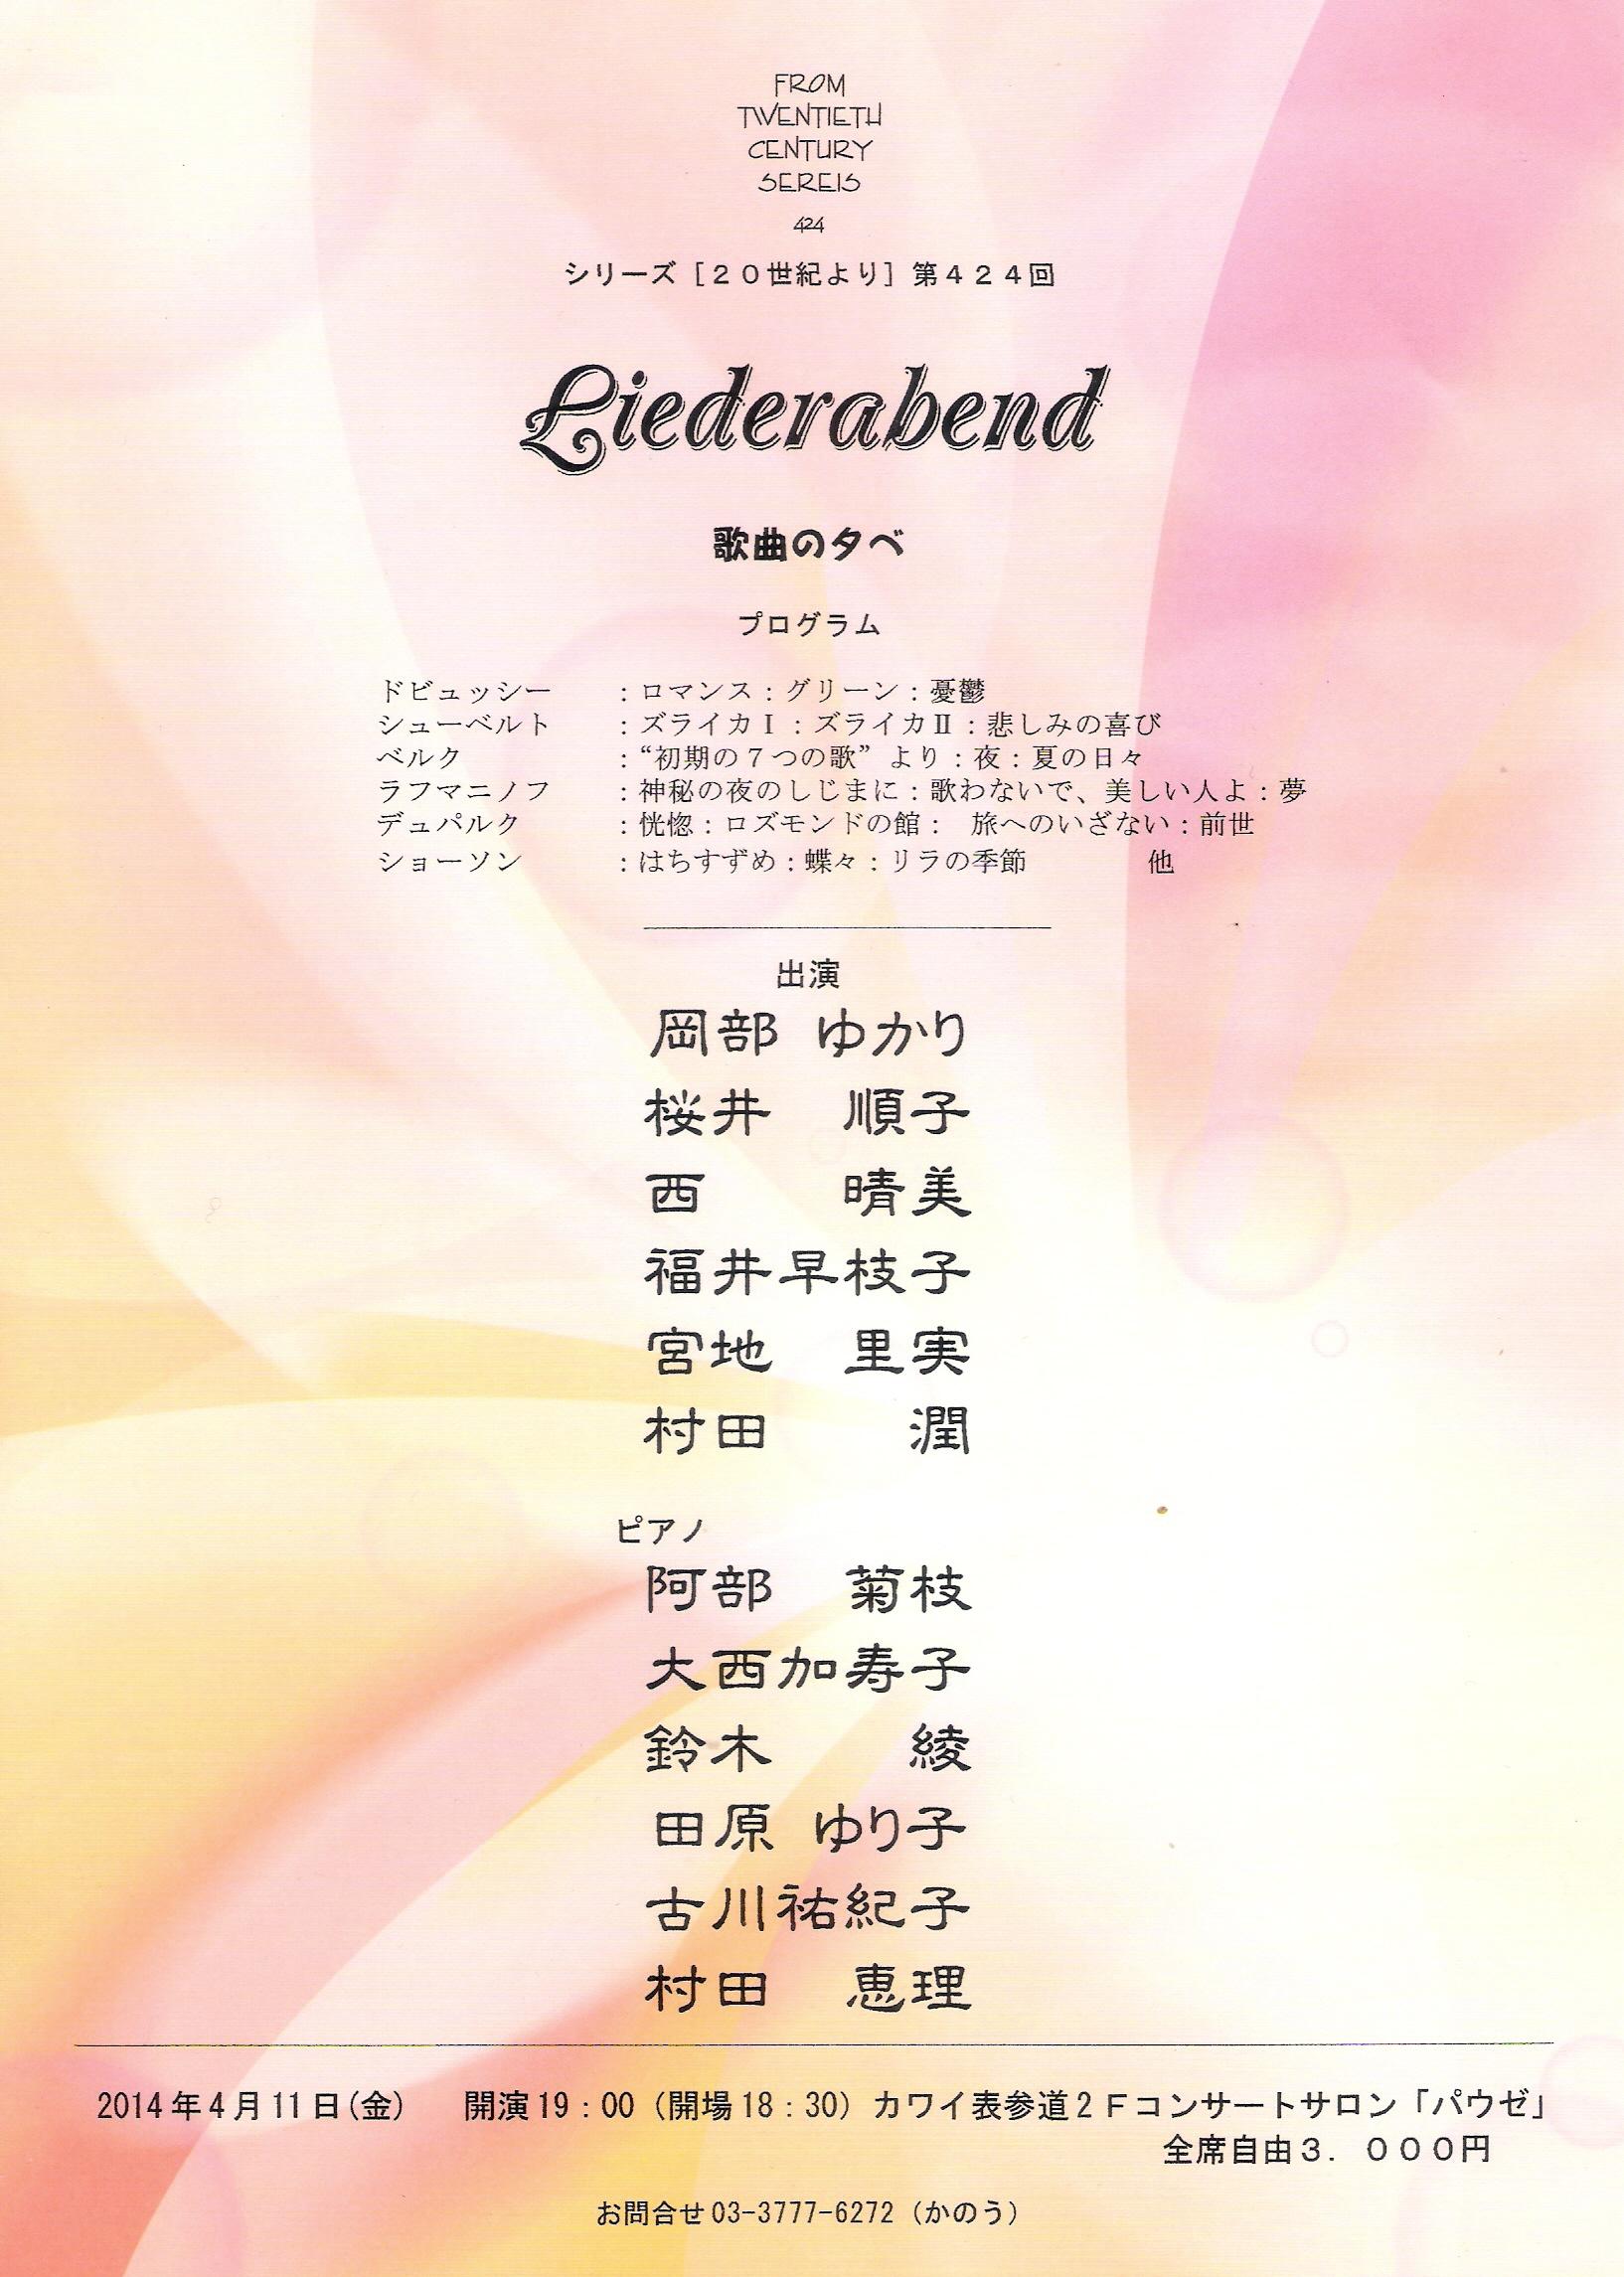 20140411 福井Liederabend